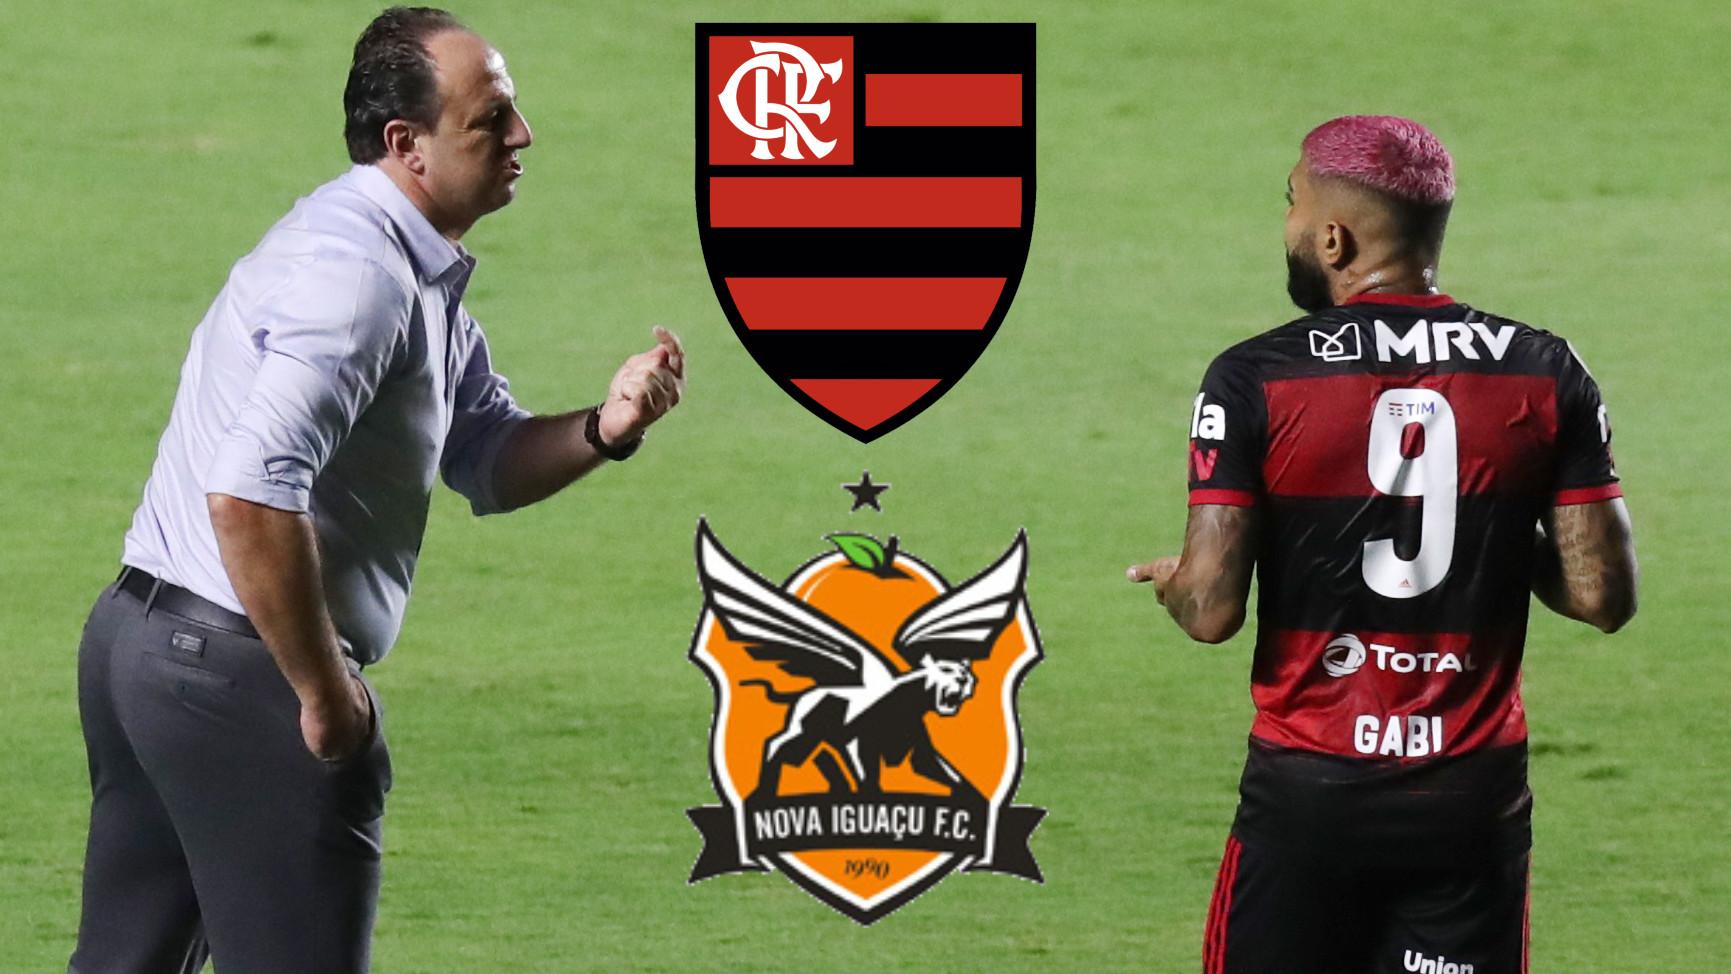 Zvezde na odmoru: Flamengo sa decom započinje Guanabara kup